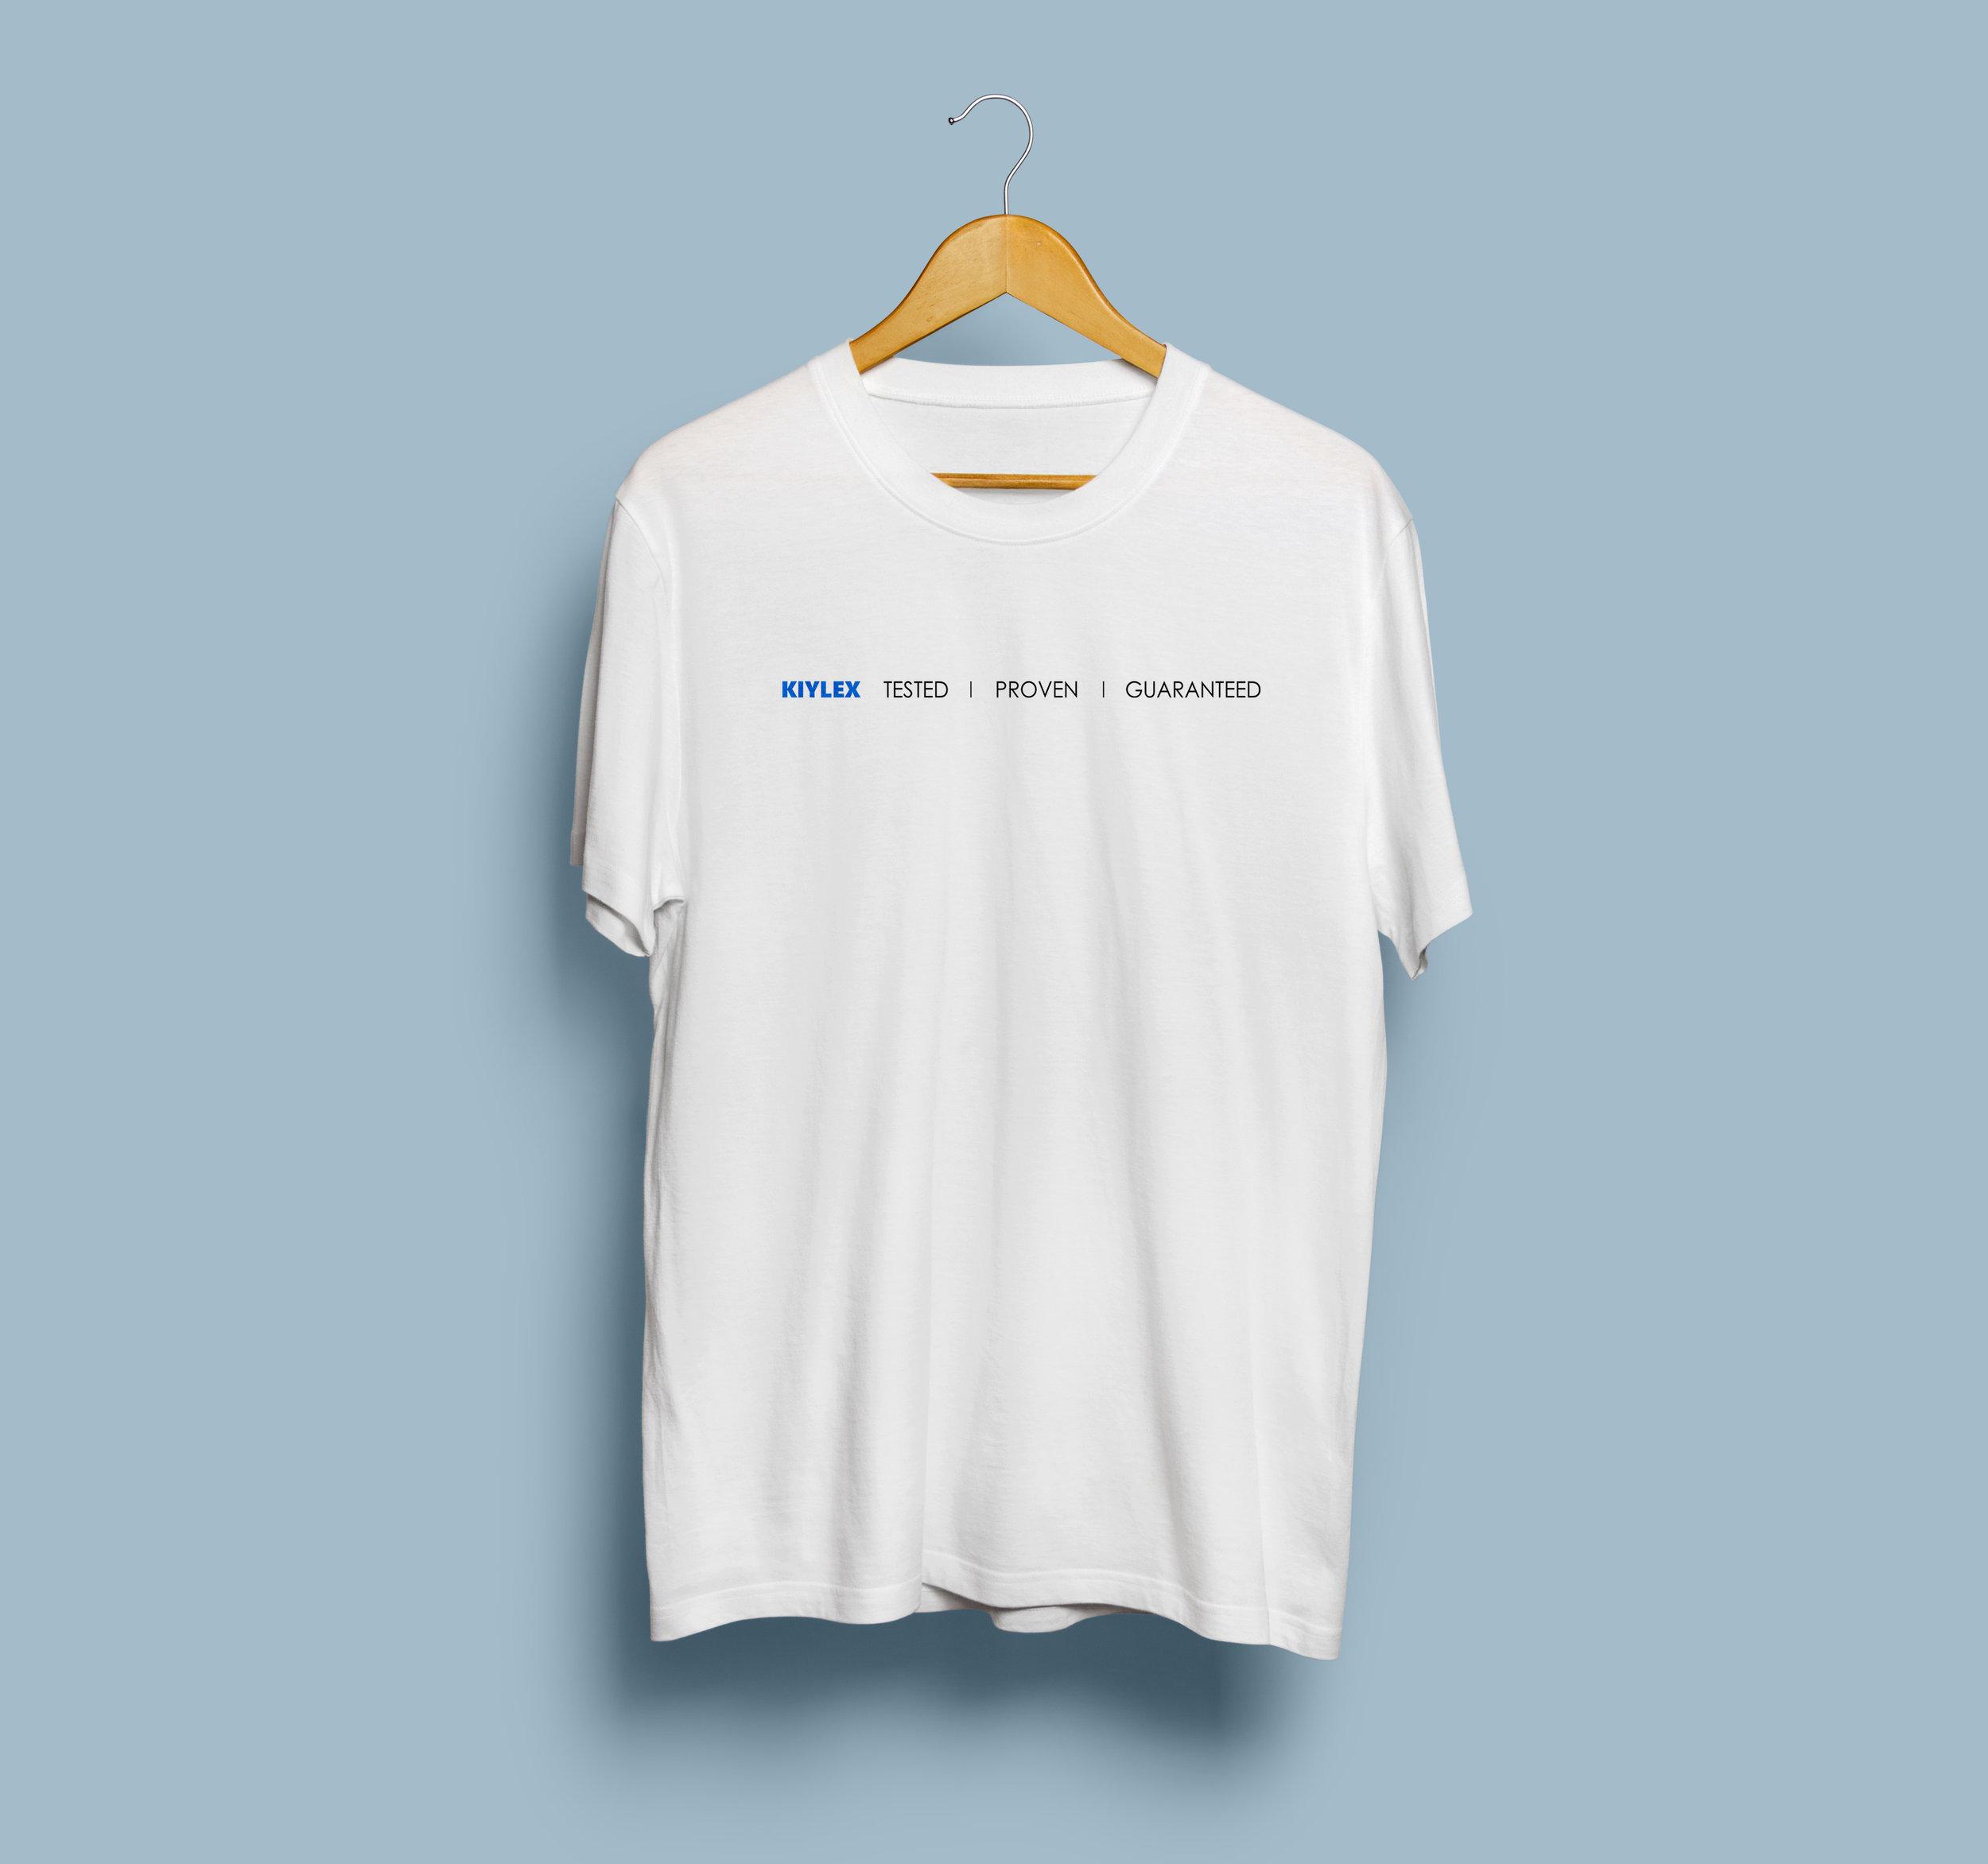 Regular-KIYLEX-For-white.jpg